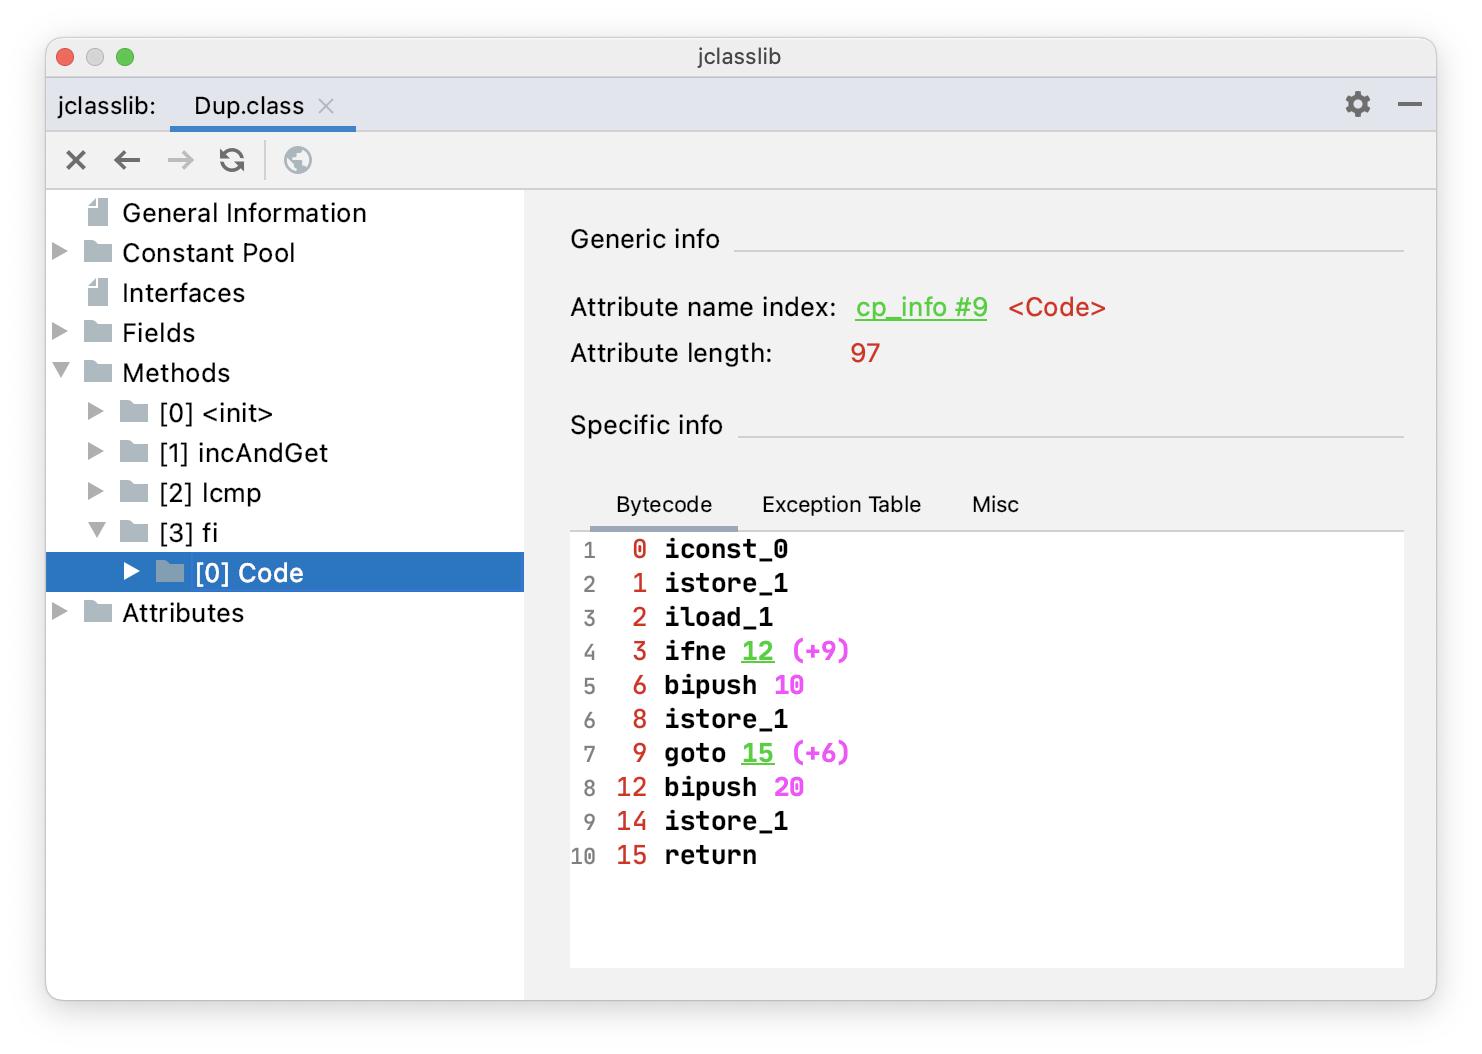 我要悄悄学习 Java 字节码指令,在成为技术大佬的路上一去不复返插图(16)